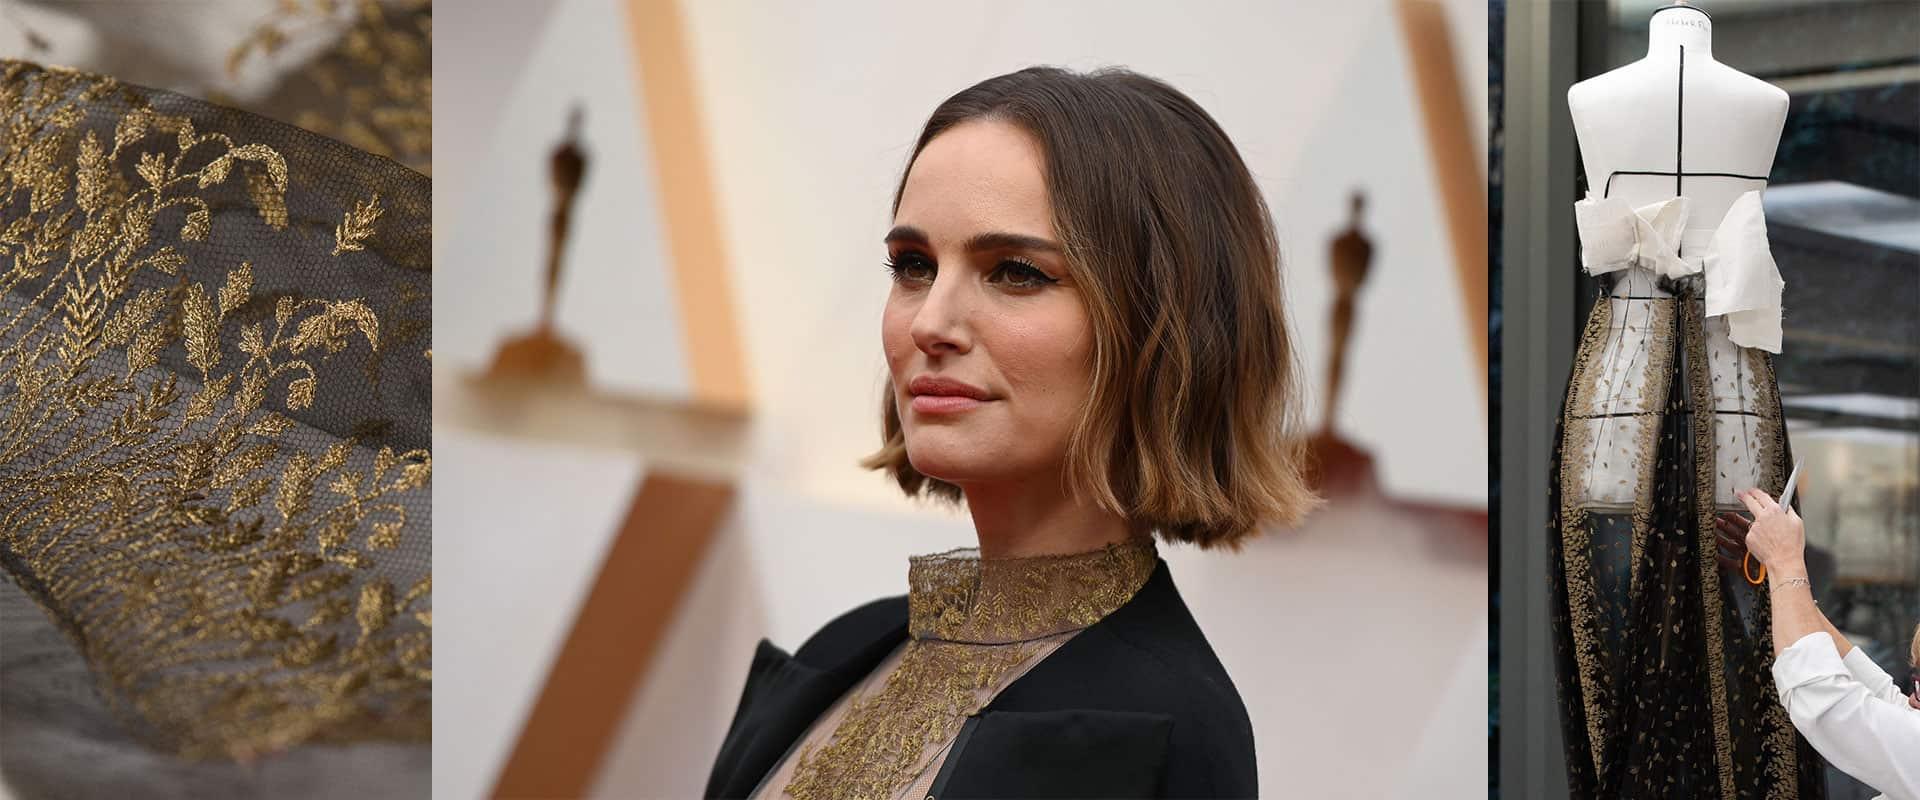 Look-Natalie-Portman-pasará-a-la-historia-Premios-Oscar-PRUEBA